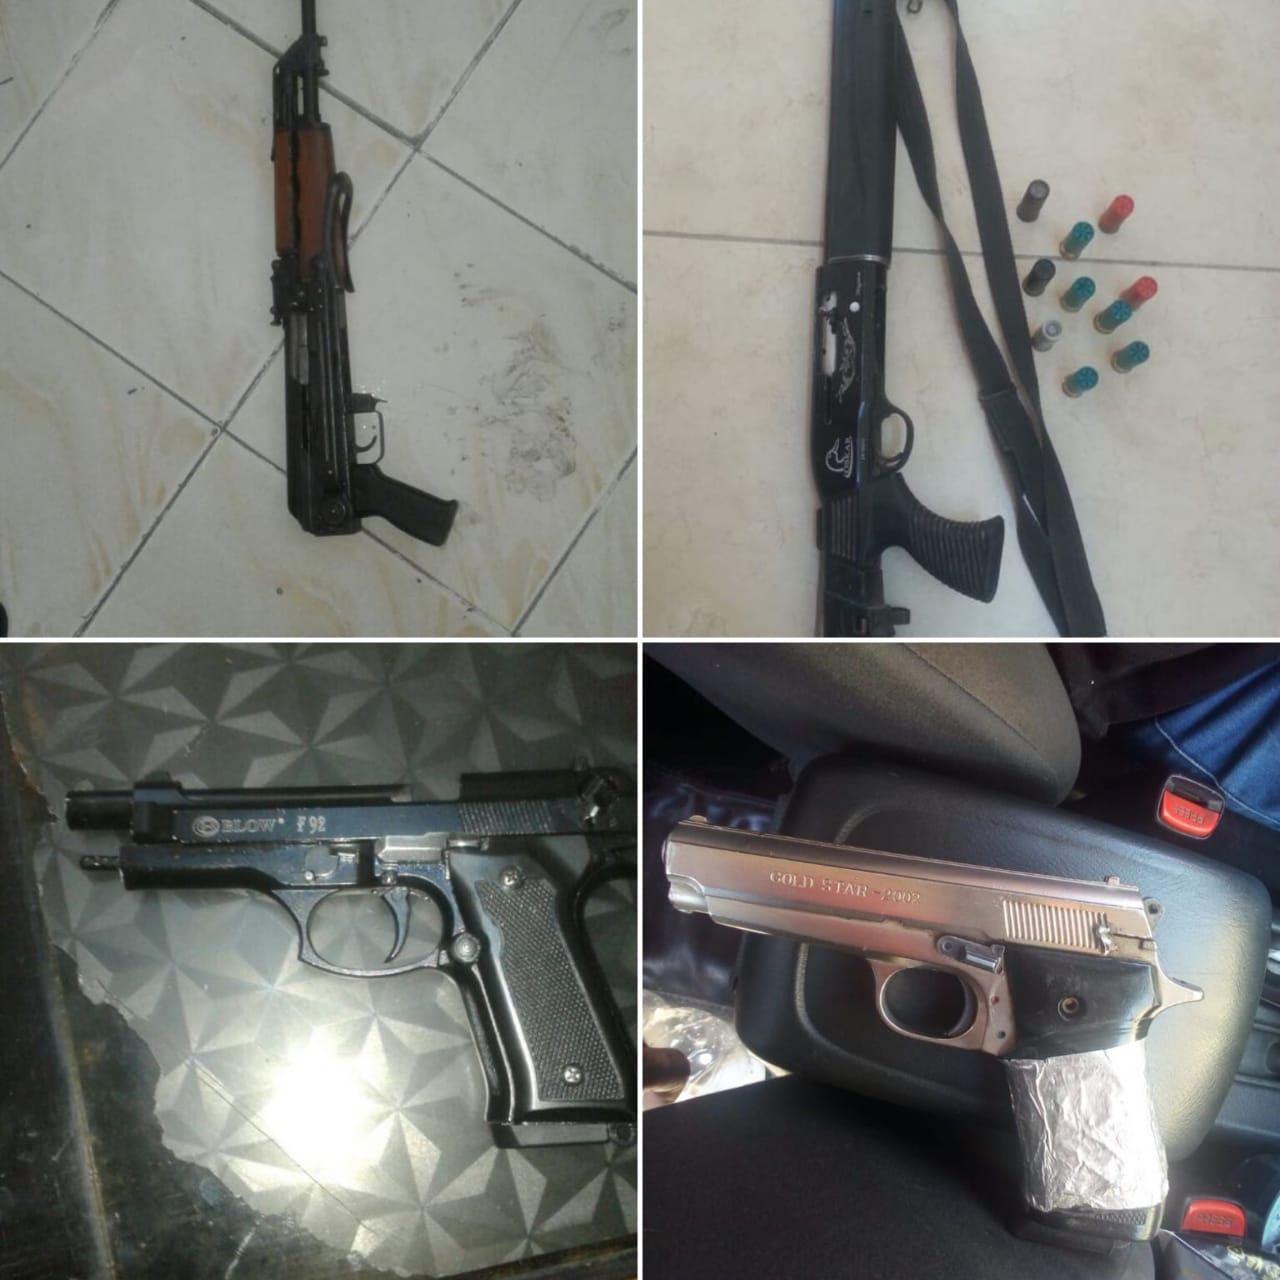 بالصور ..  القبض على 22 شخصا قاموا باطلاق عيارات نارية في مختلف مناطق المملكة وضبط 21 سلاحا نارياً